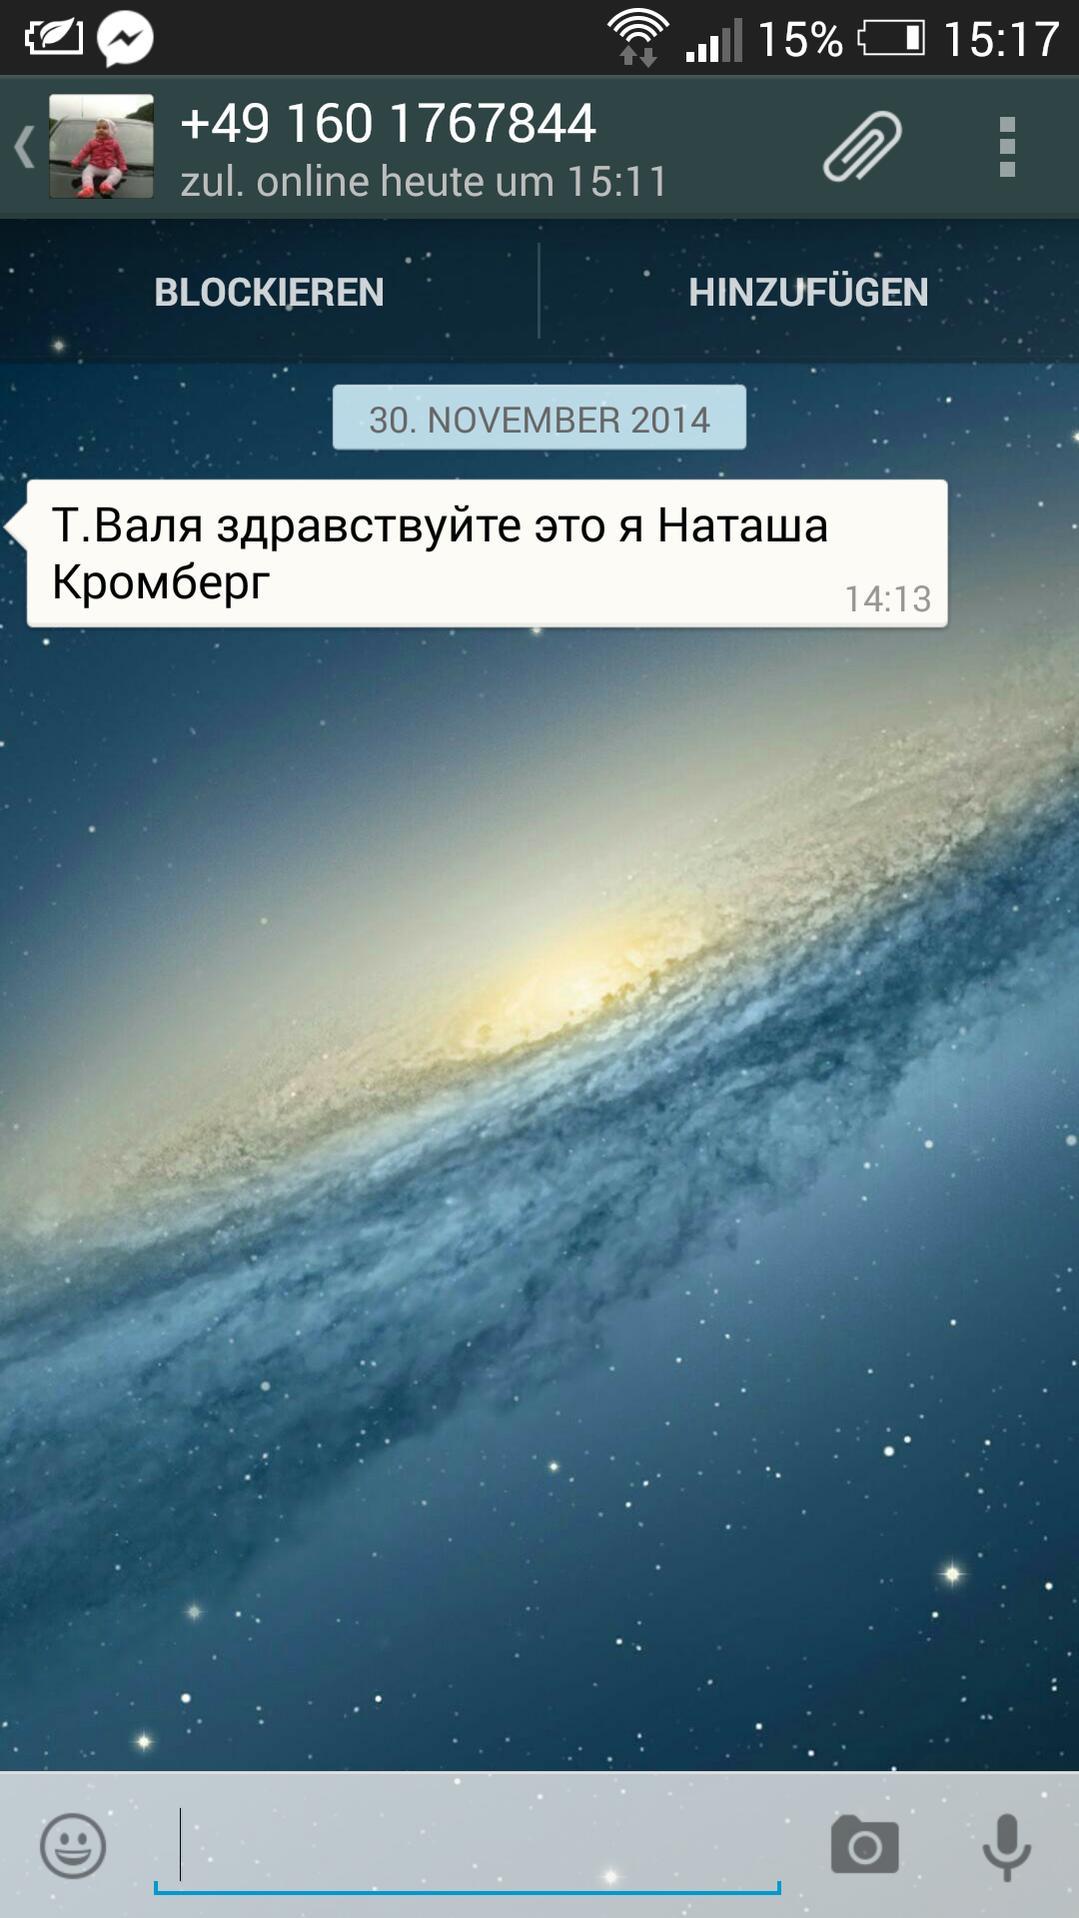 Blockieren whatsapp nummer Whatsapp Nummer